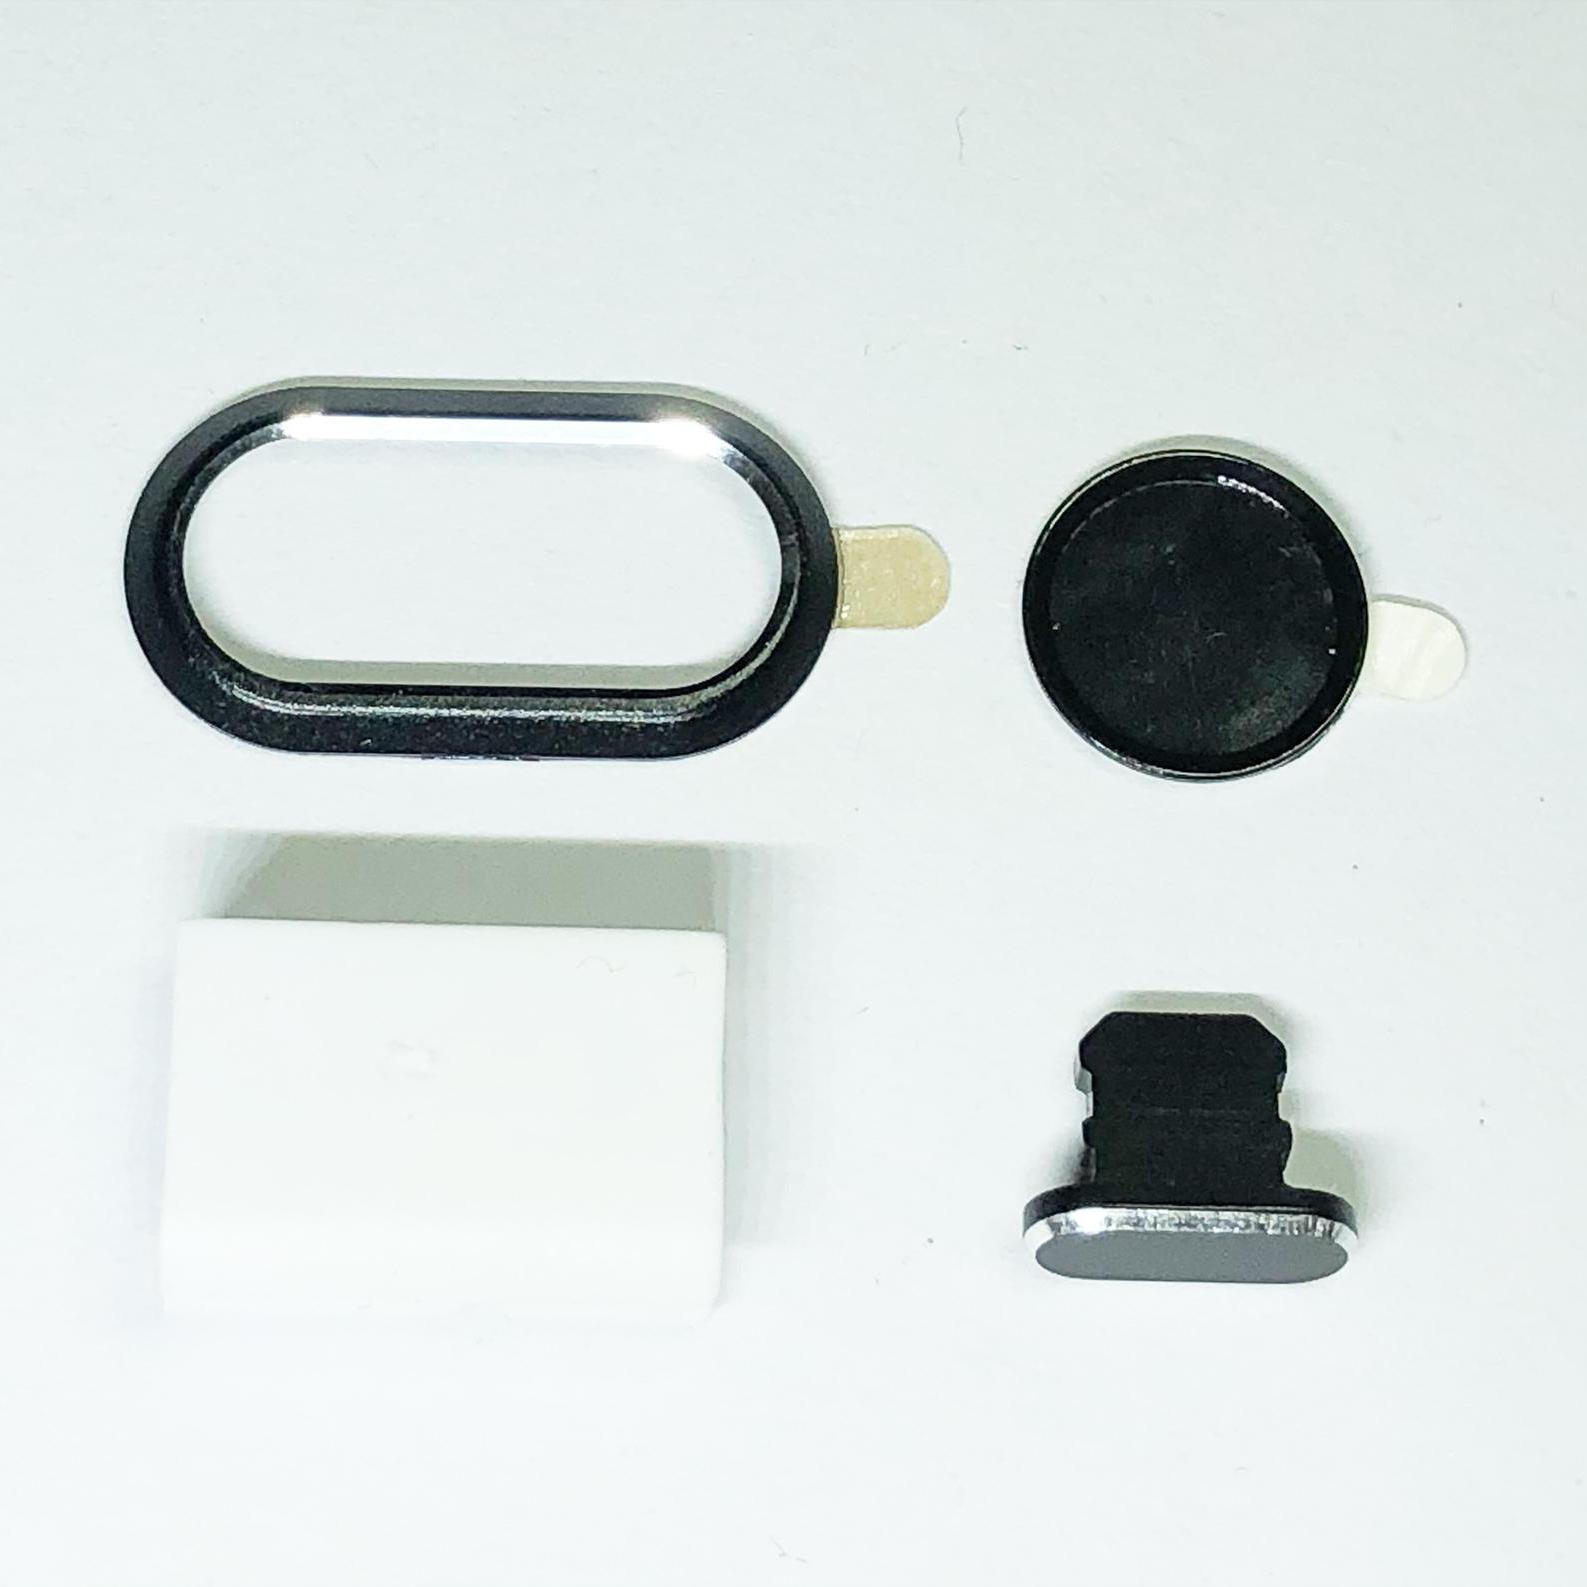 Hình ảnh Bộ phụ kiện bảo vệ viền camera, nút home, nút chống bụi nước cổng sạc, đai gắn cáp cho iphone 7 plus, 8 plus